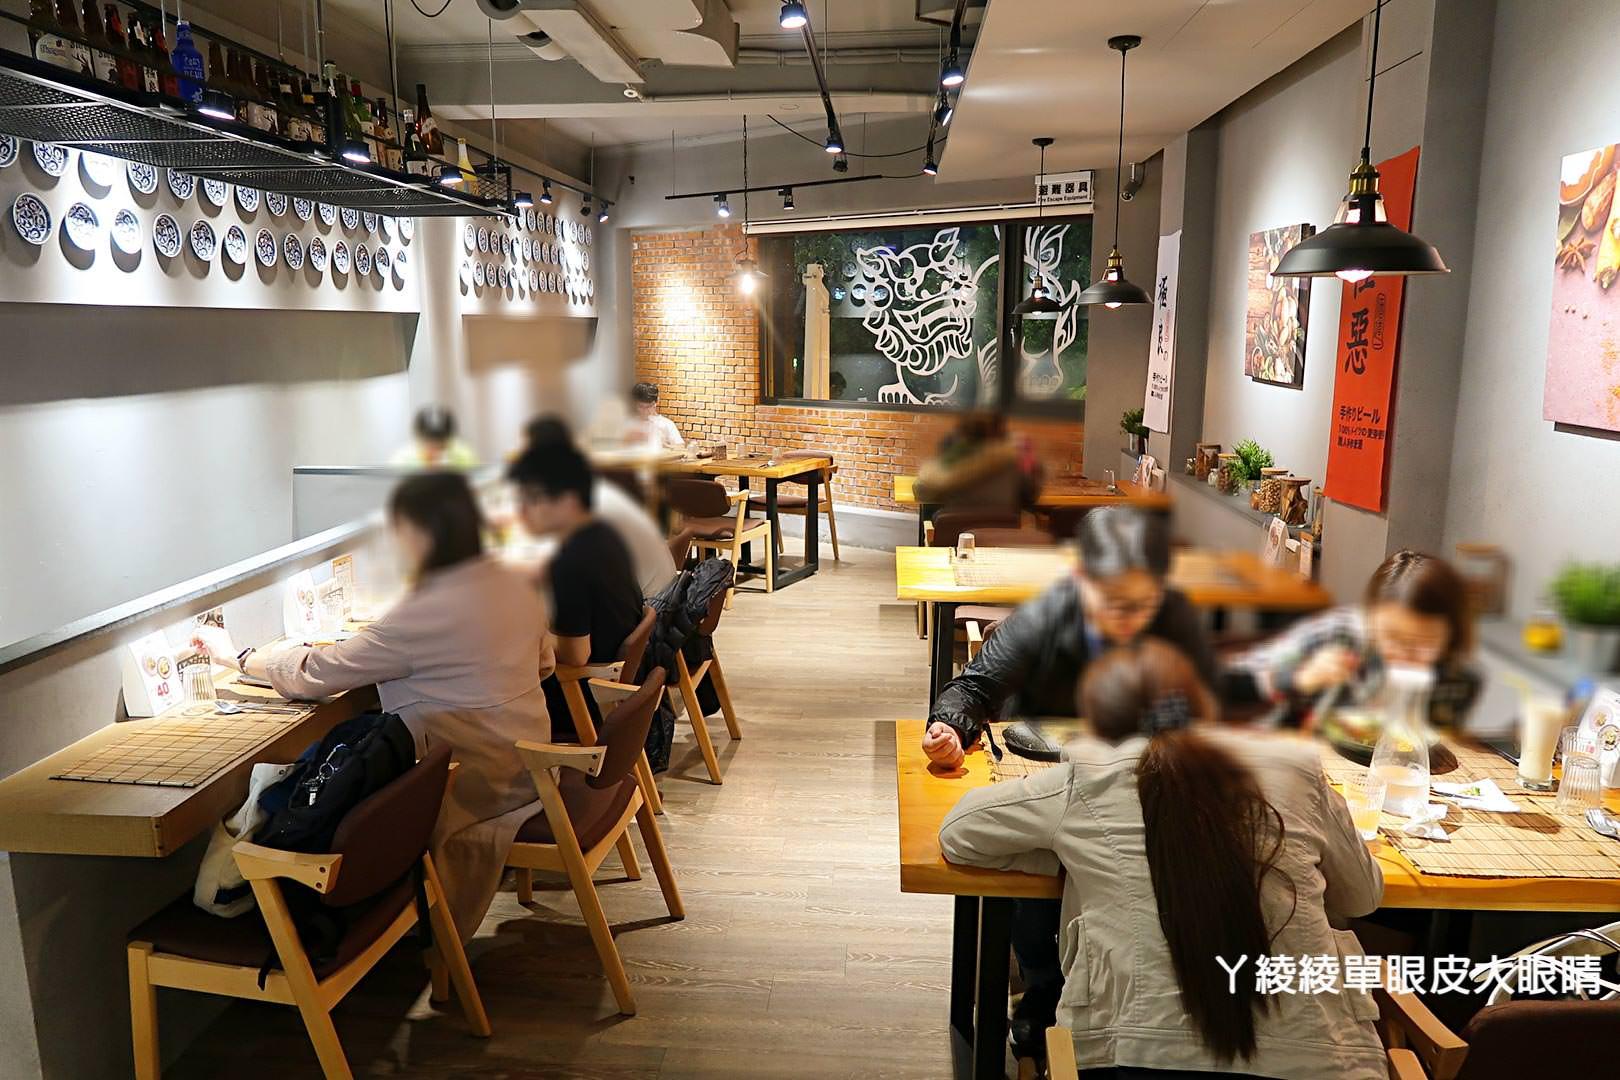 新竹火車站美食推薦|樂咖沖繩湯咖哩專門店,沖繩拜師學藝的道地滋味